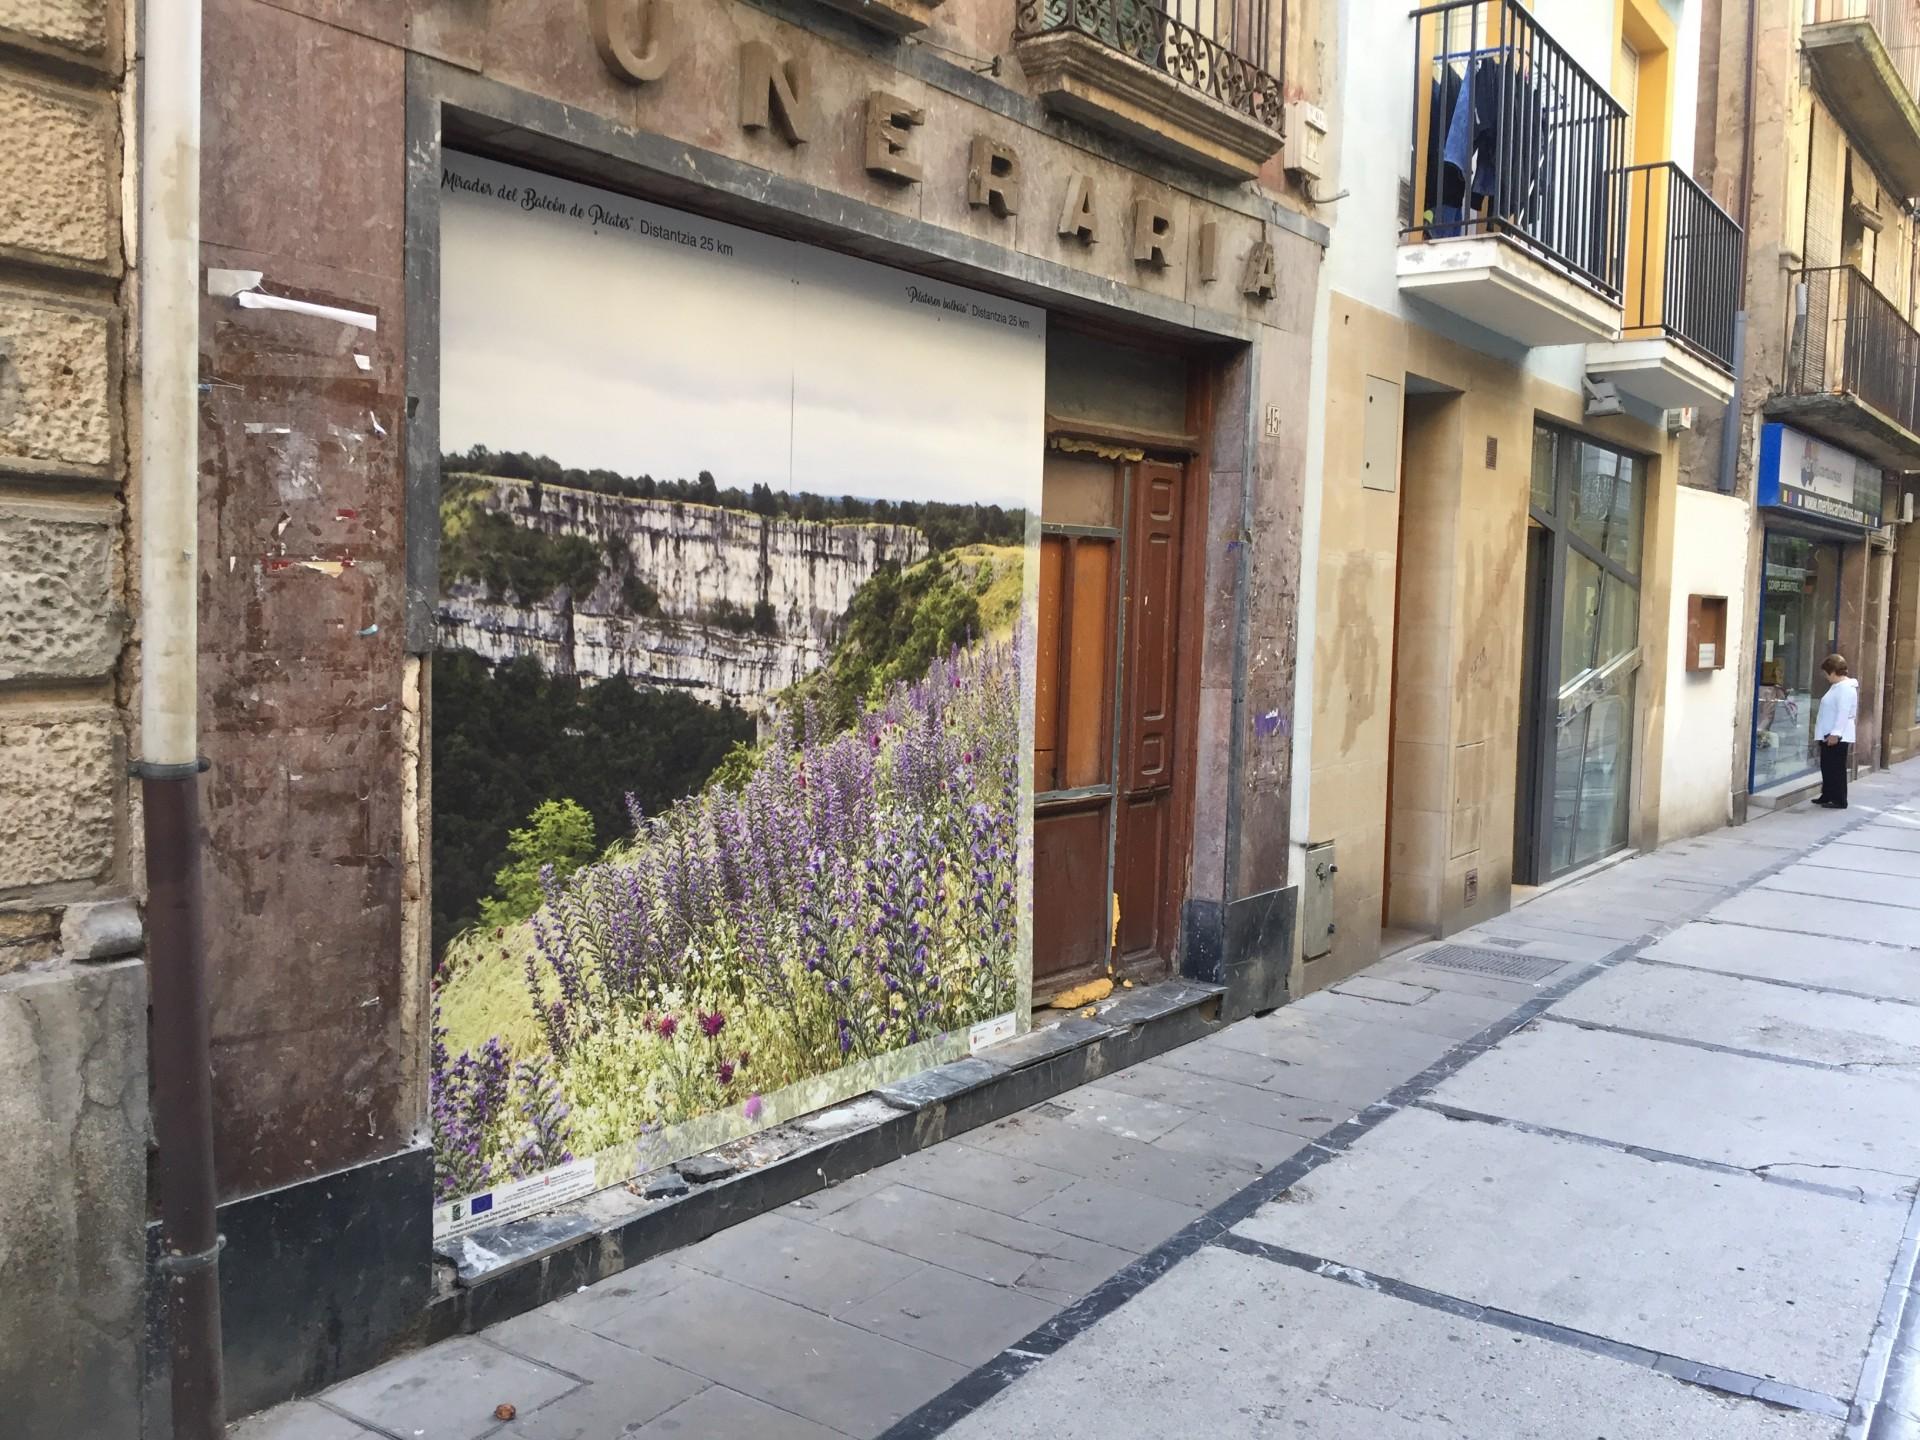 comercio, escaparates, vinilo impreso, ayuntamiento, ayuntamiento_de_estella, aflelae, teder, fotografía, fachadas, turismo, local, locales, embellecimiento_ESTELLA_NAVARRA_IMPRESIÓN_DISEÑO_VINILOS_ROTULACIÓN